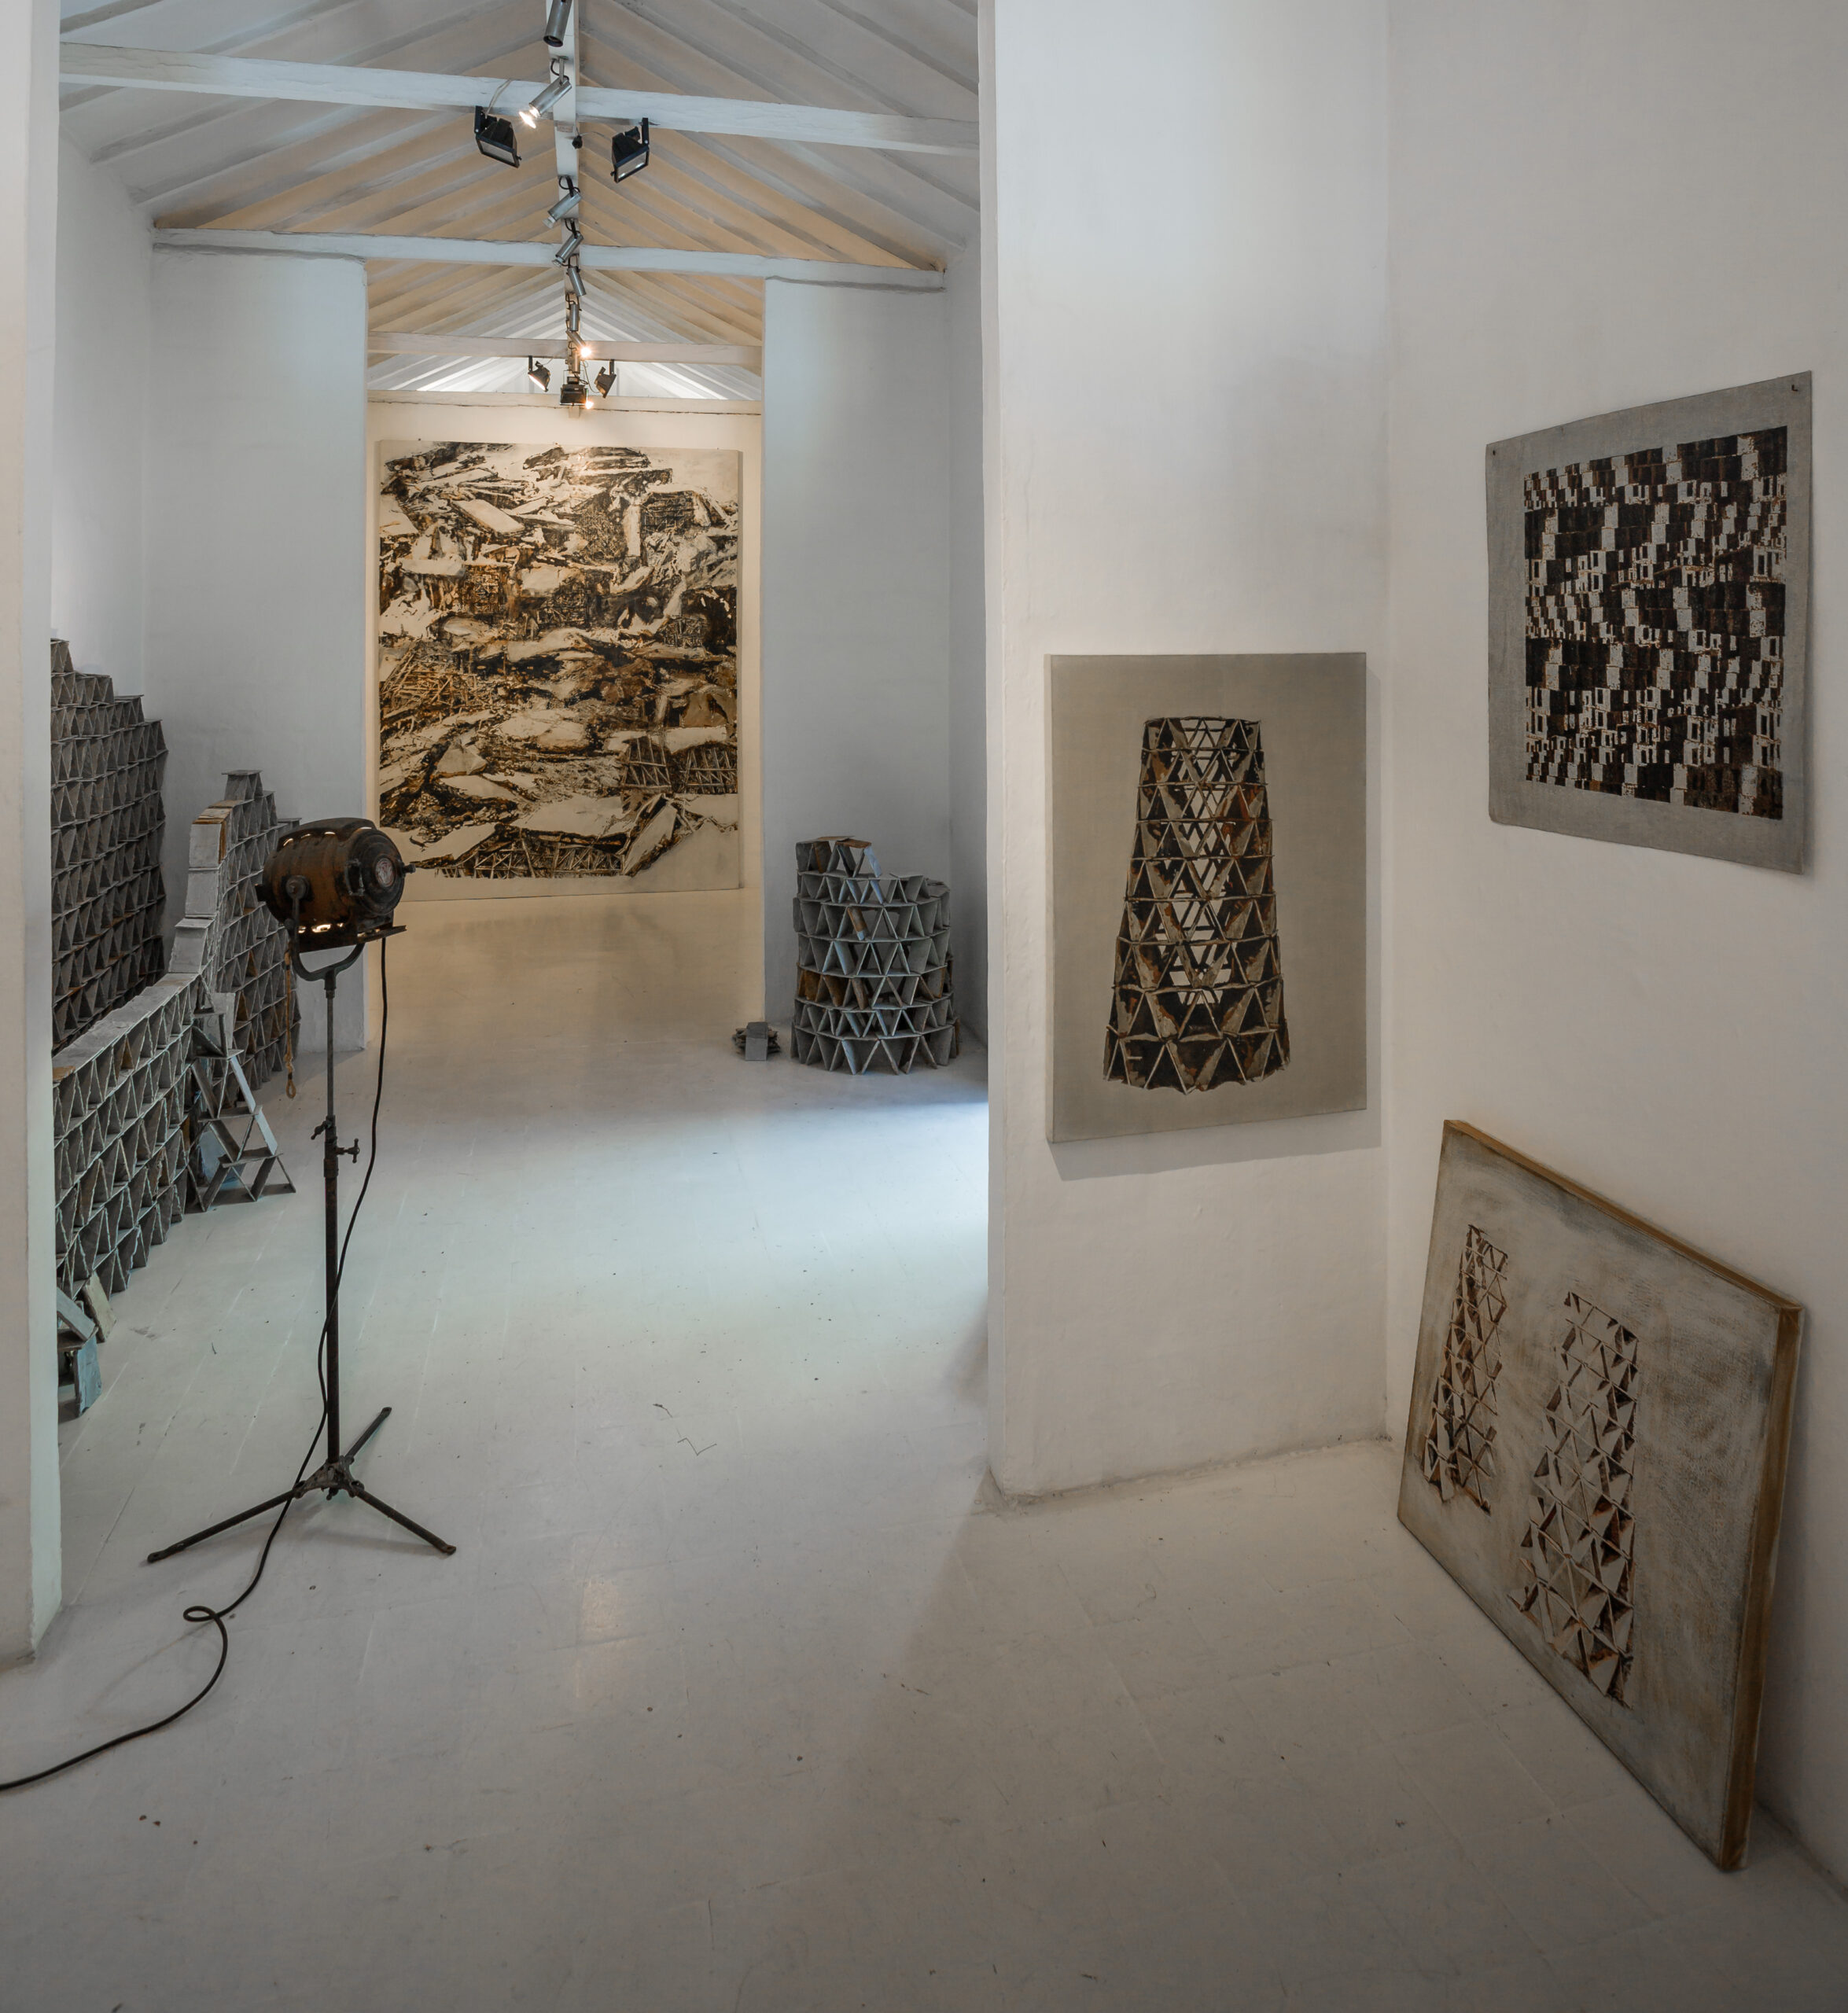 Panorámica exposición Horror Vacui / Work in progress. Galería de la Oficina, Medellín, Colombia.  2015.